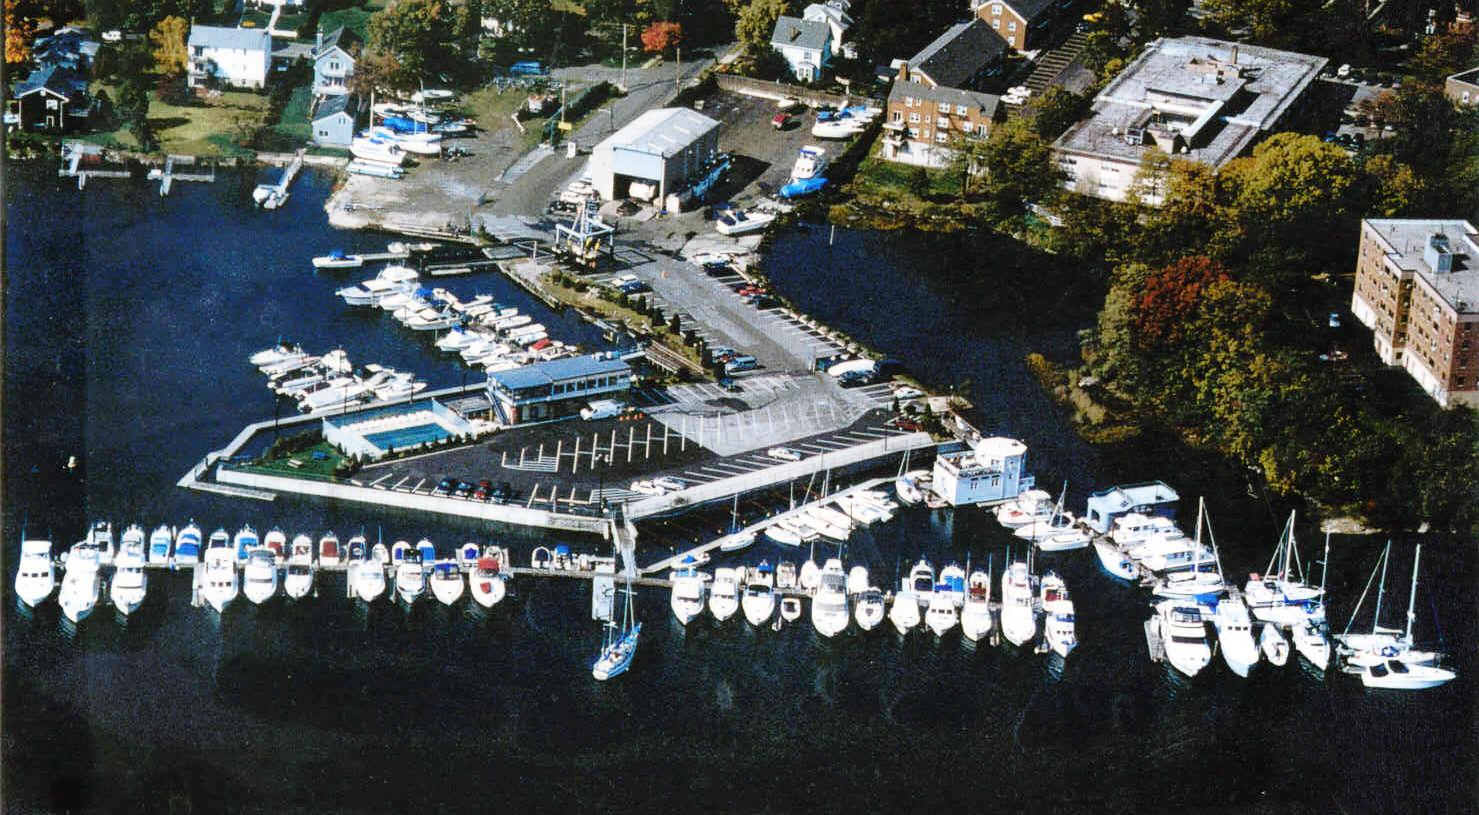 Wright Island Marina